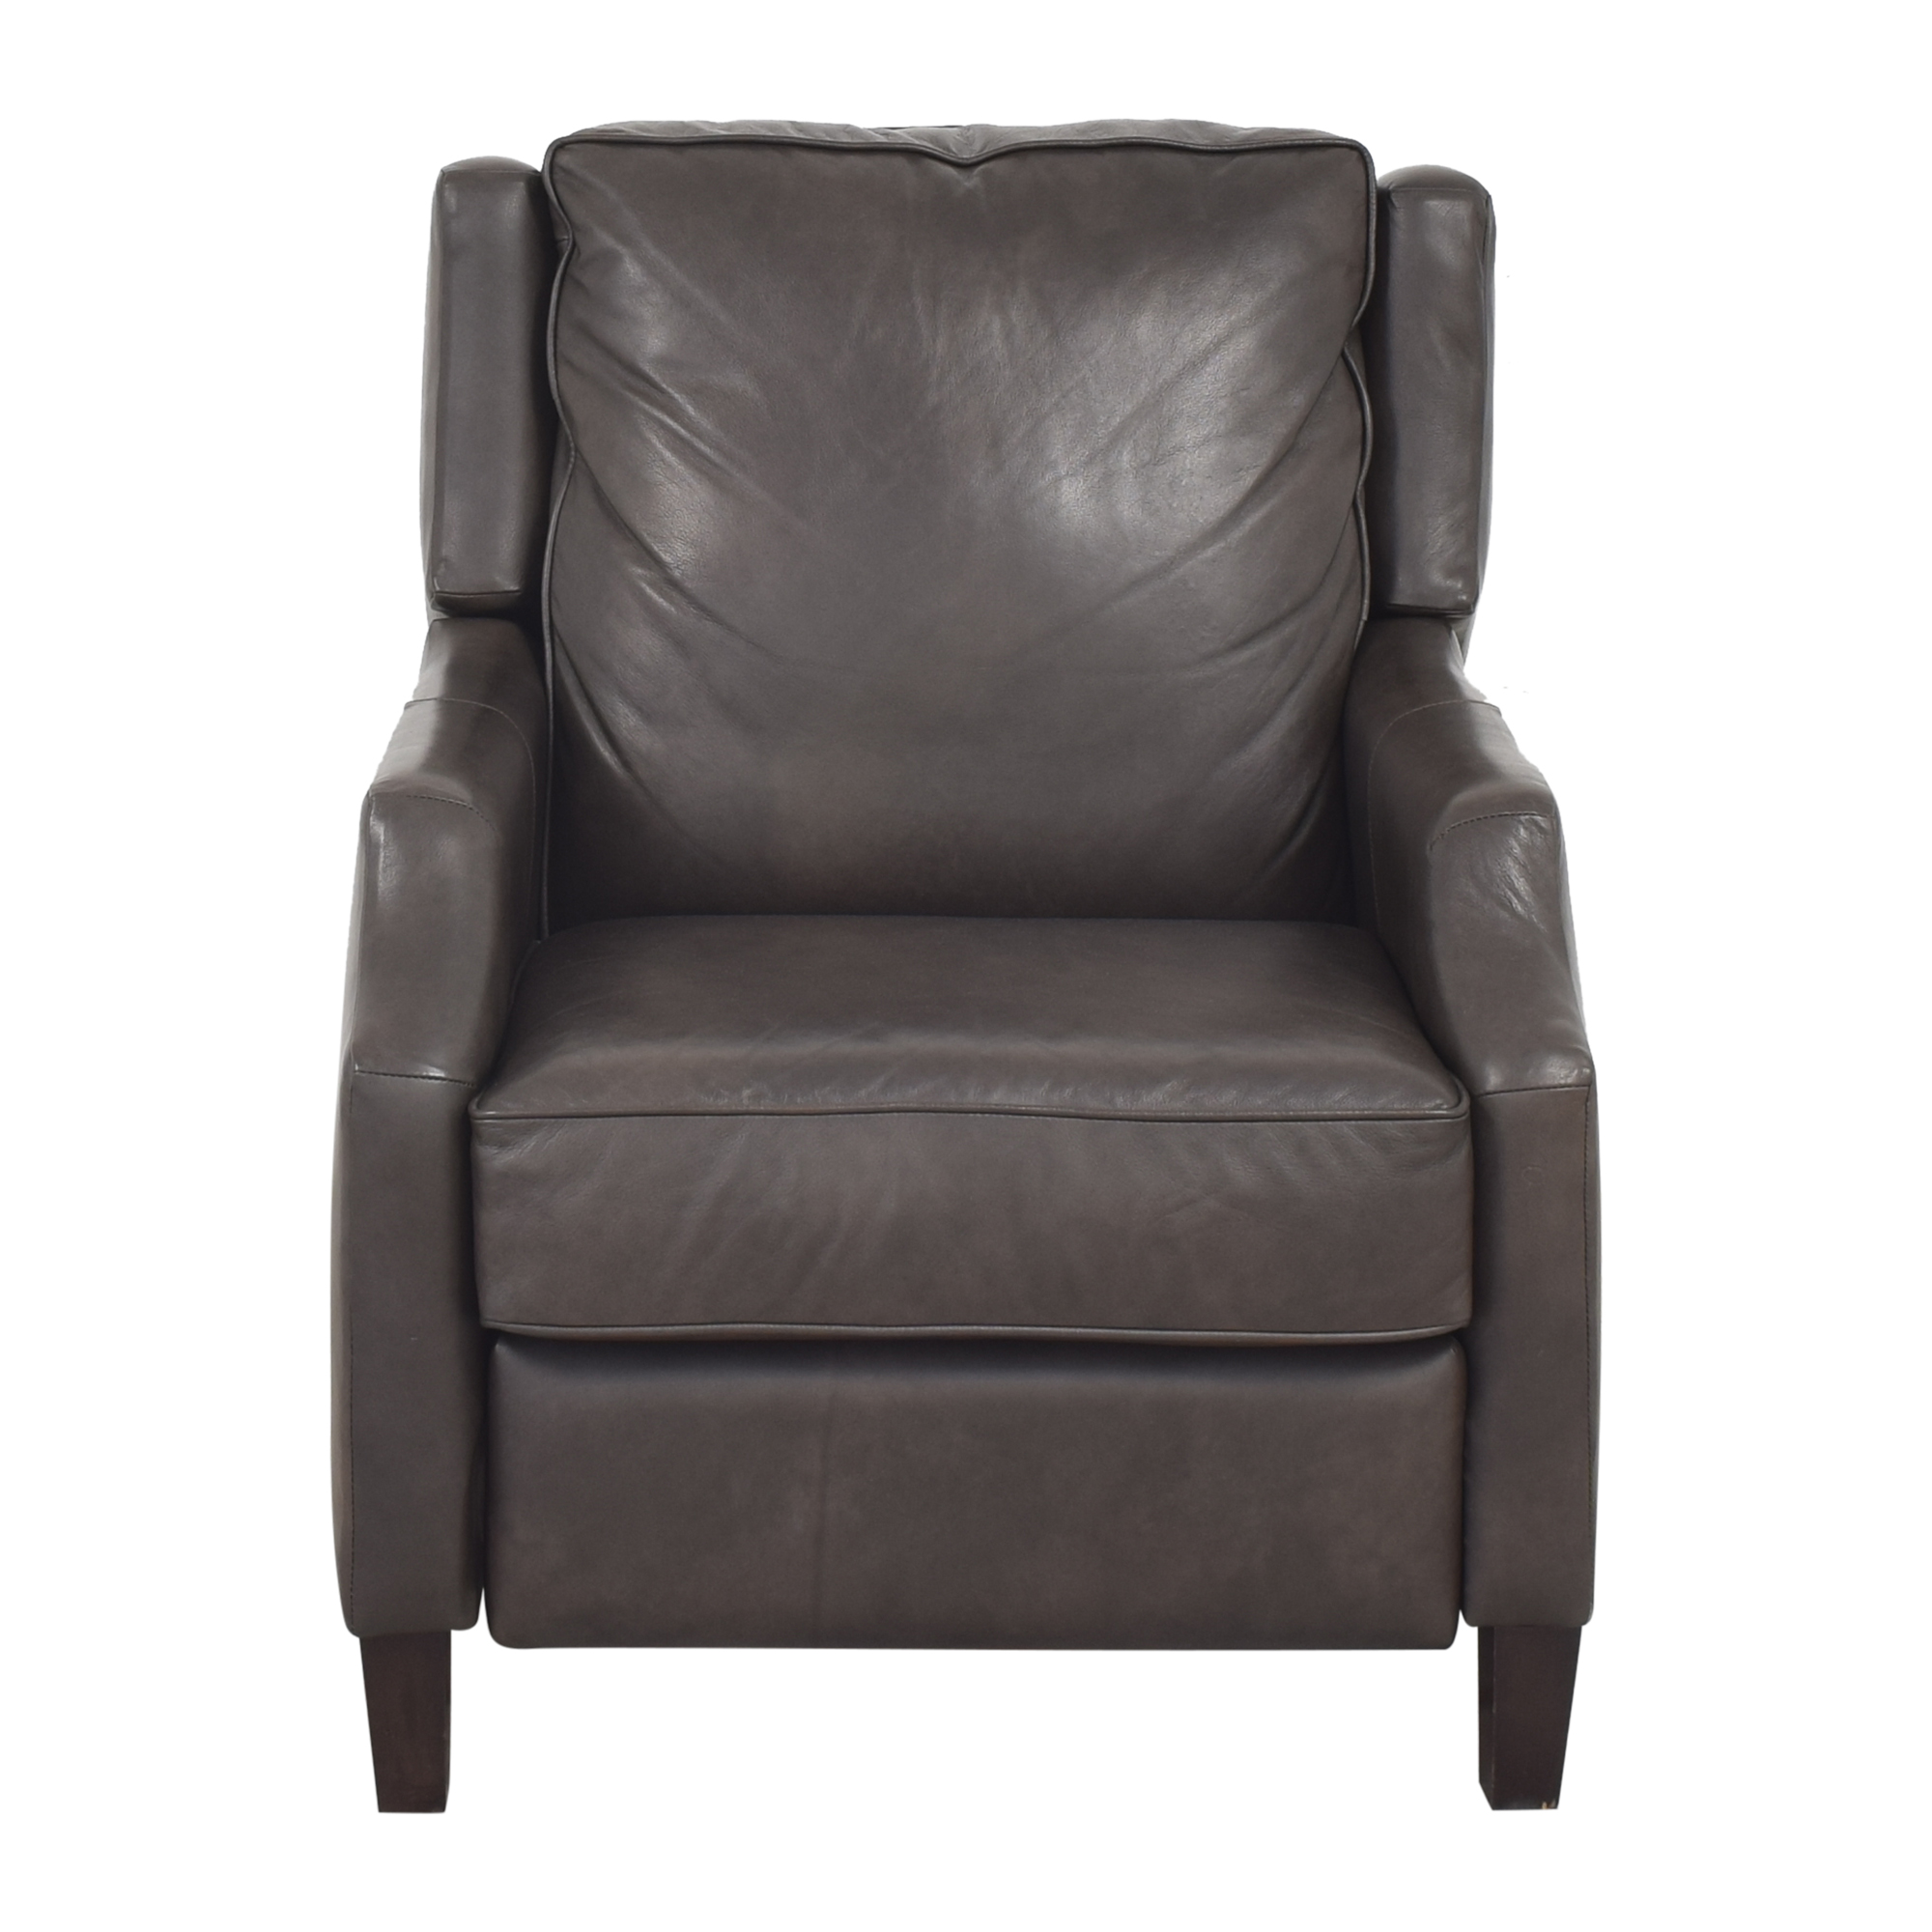 Bassett Furniture Bassett Recliner Chair ct